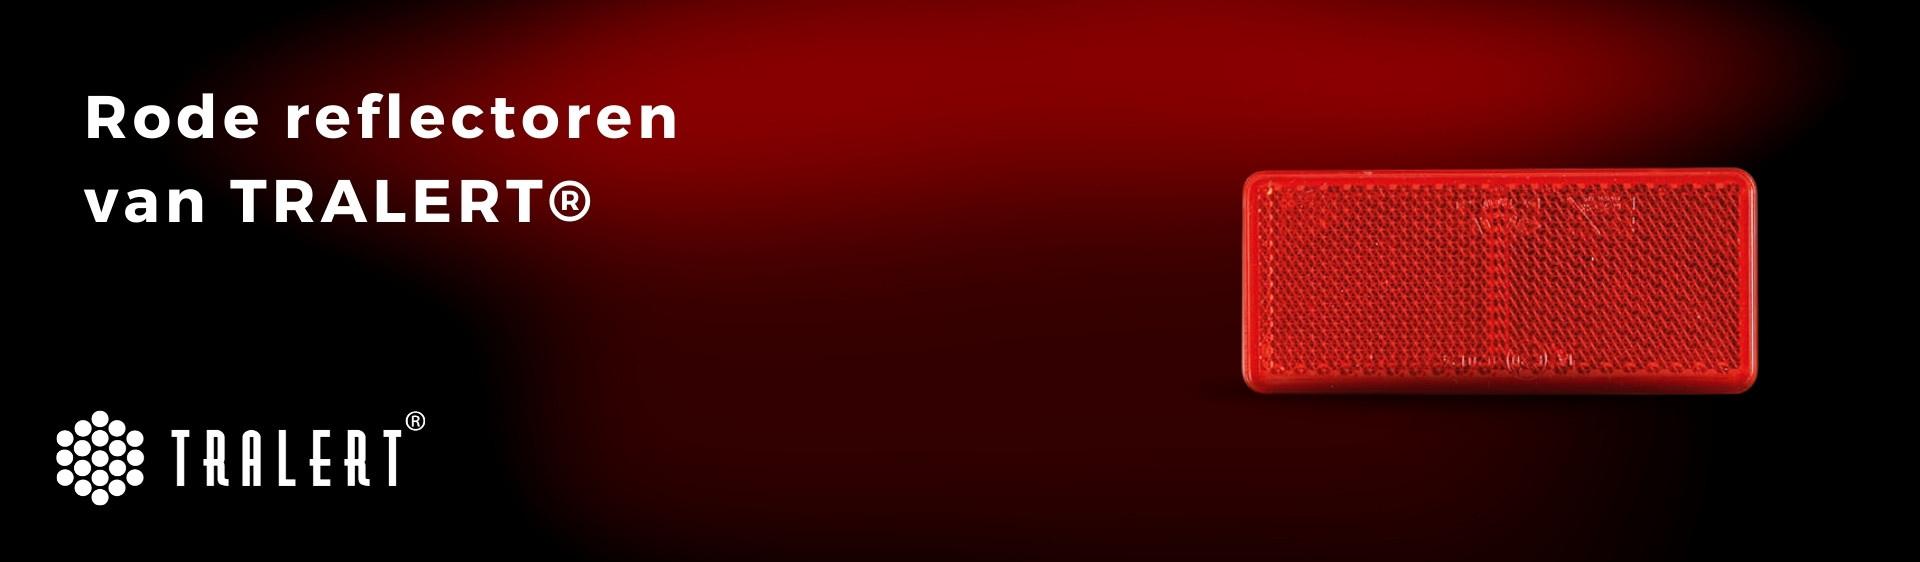 Rode reflectoren